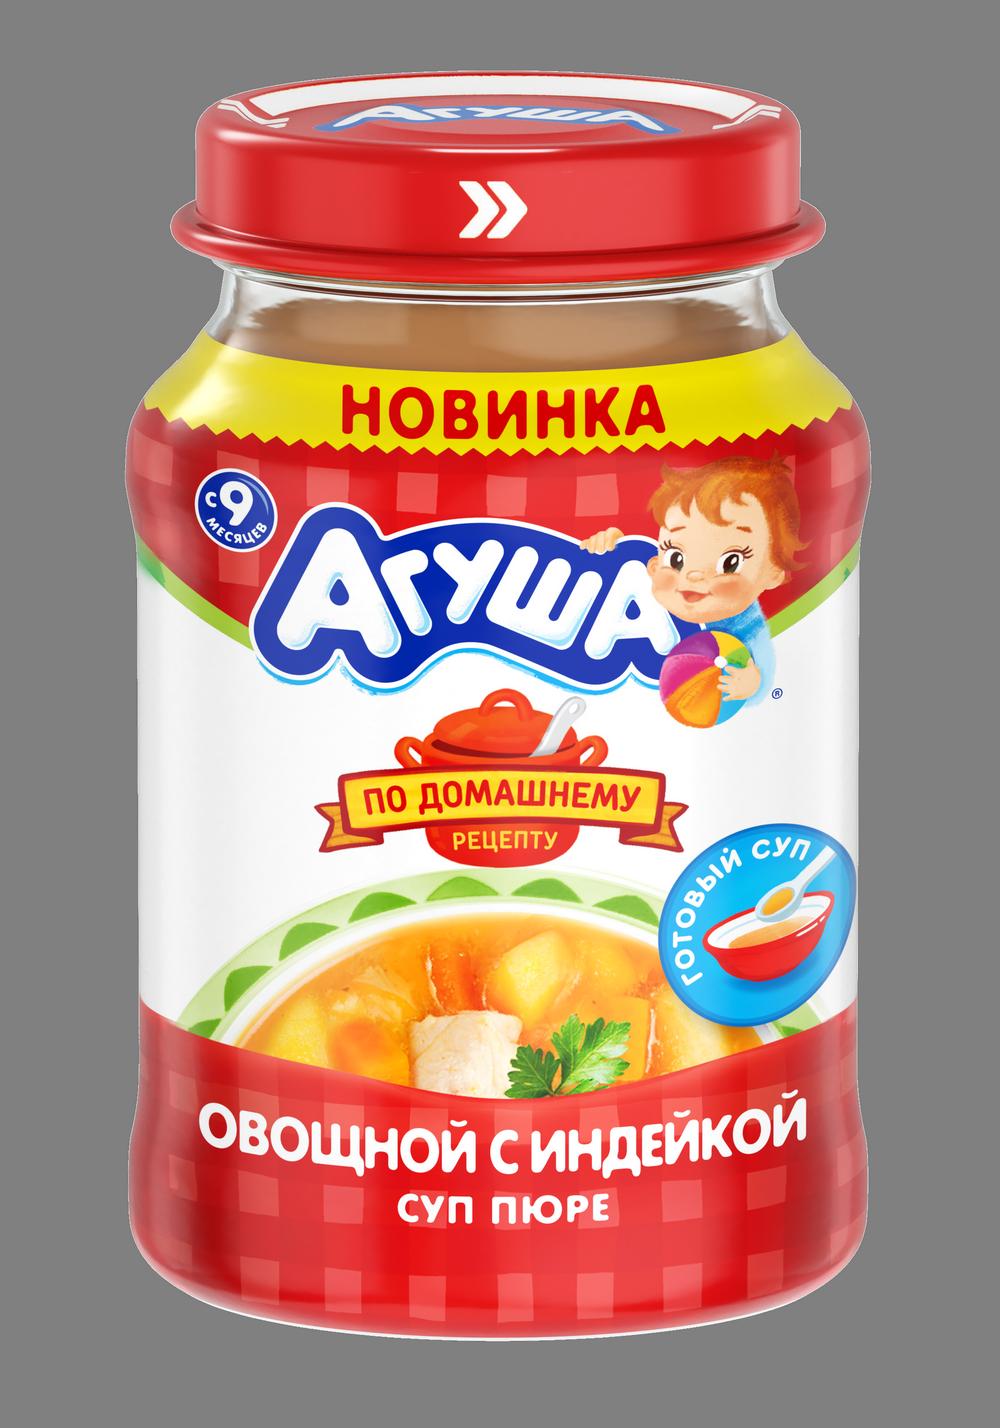 Овощной суп-пюре Агуша с индейкой, 170г